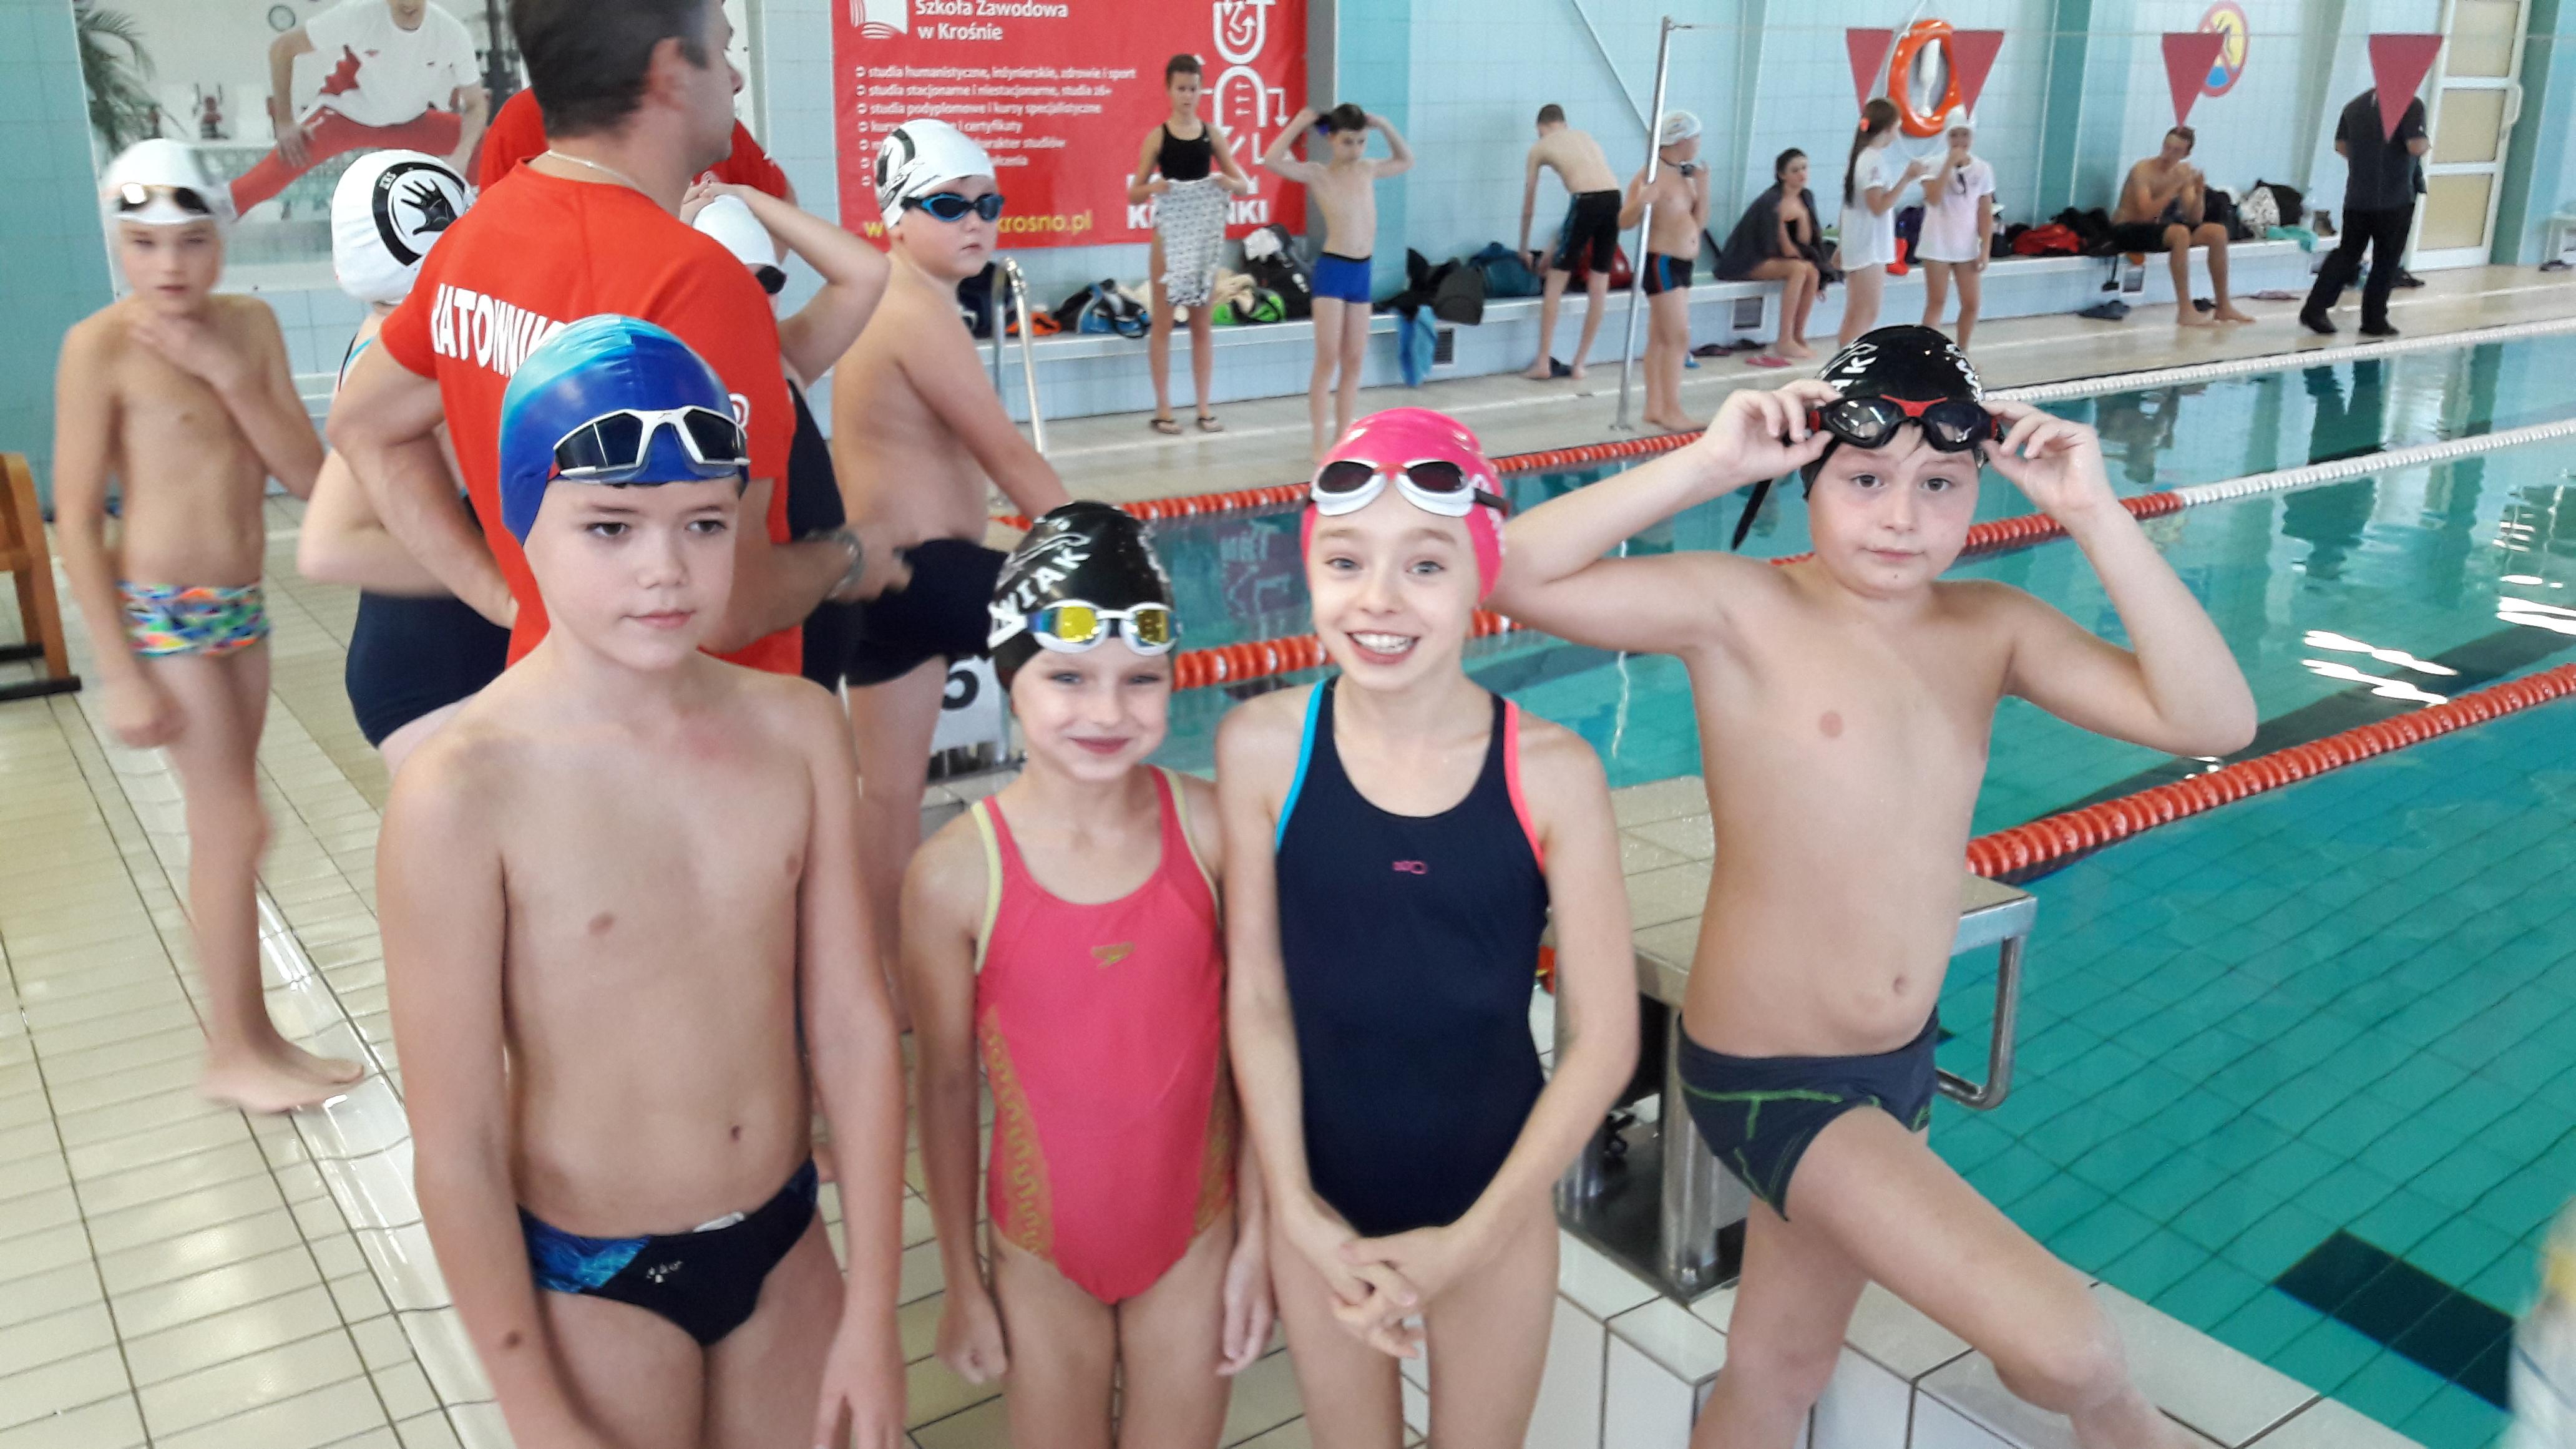 W niedzielę 6 listopada br drużyna pływacka brzozowskiego MOSiR u udała się do Ustrzyk Dolnych na I zawody Drugiej Edycji Podkarpackiej Ligi Pływackiej